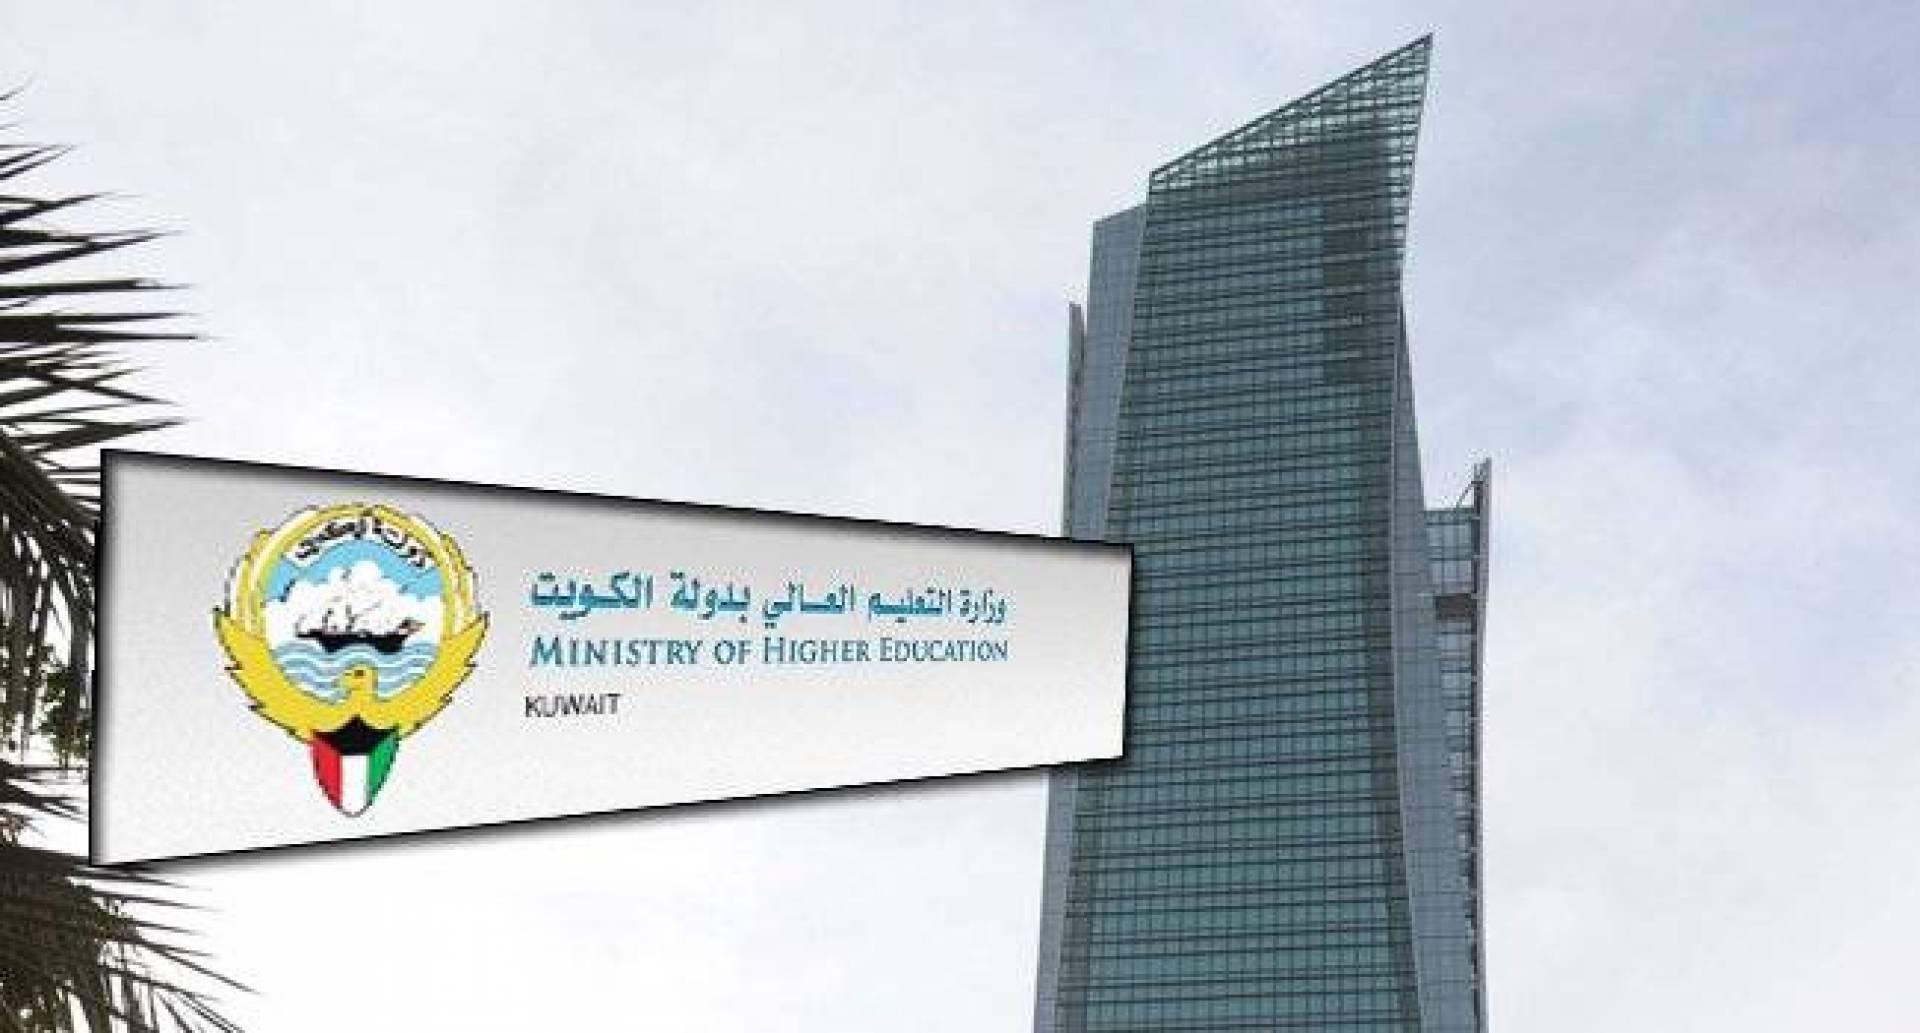 اسماء المقبولين في البعثات الداخلية 2020/2021 الكويت